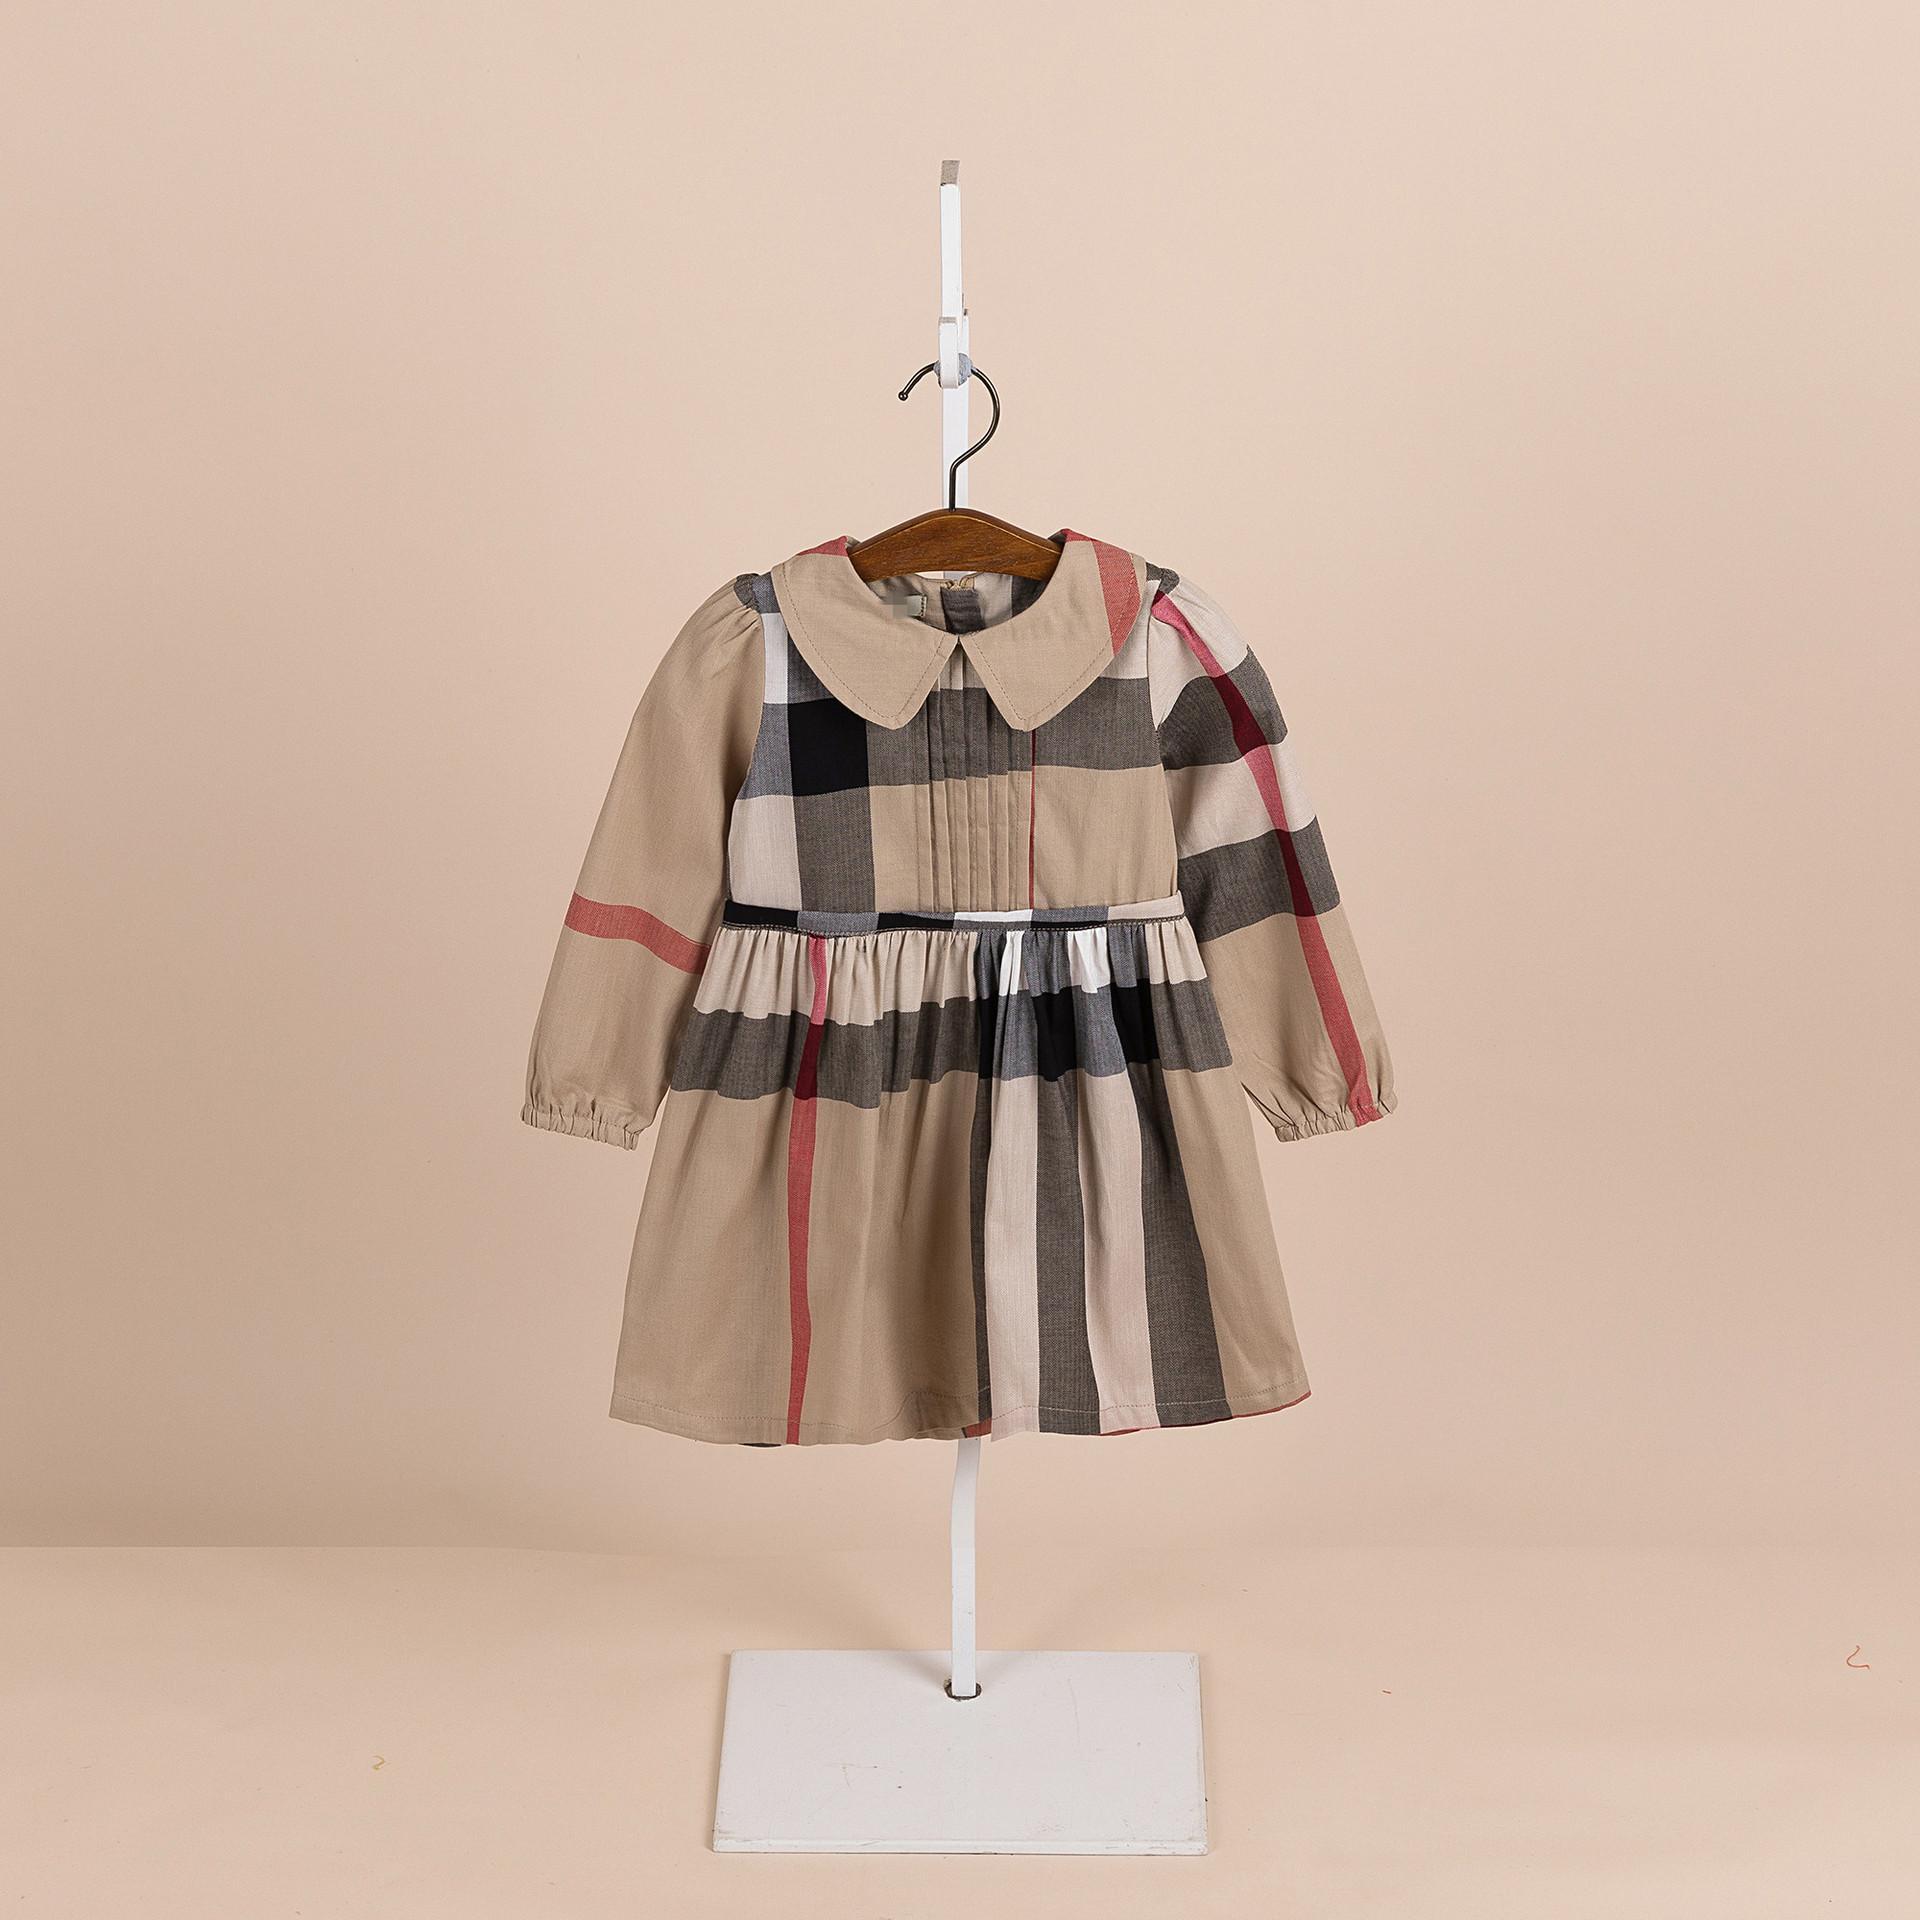 Новая весна и осень внешней торговли Детская одежда Детская одежда Девочки с длинным рукавом платье принцессы корейский кукла воротник хлопок Детский